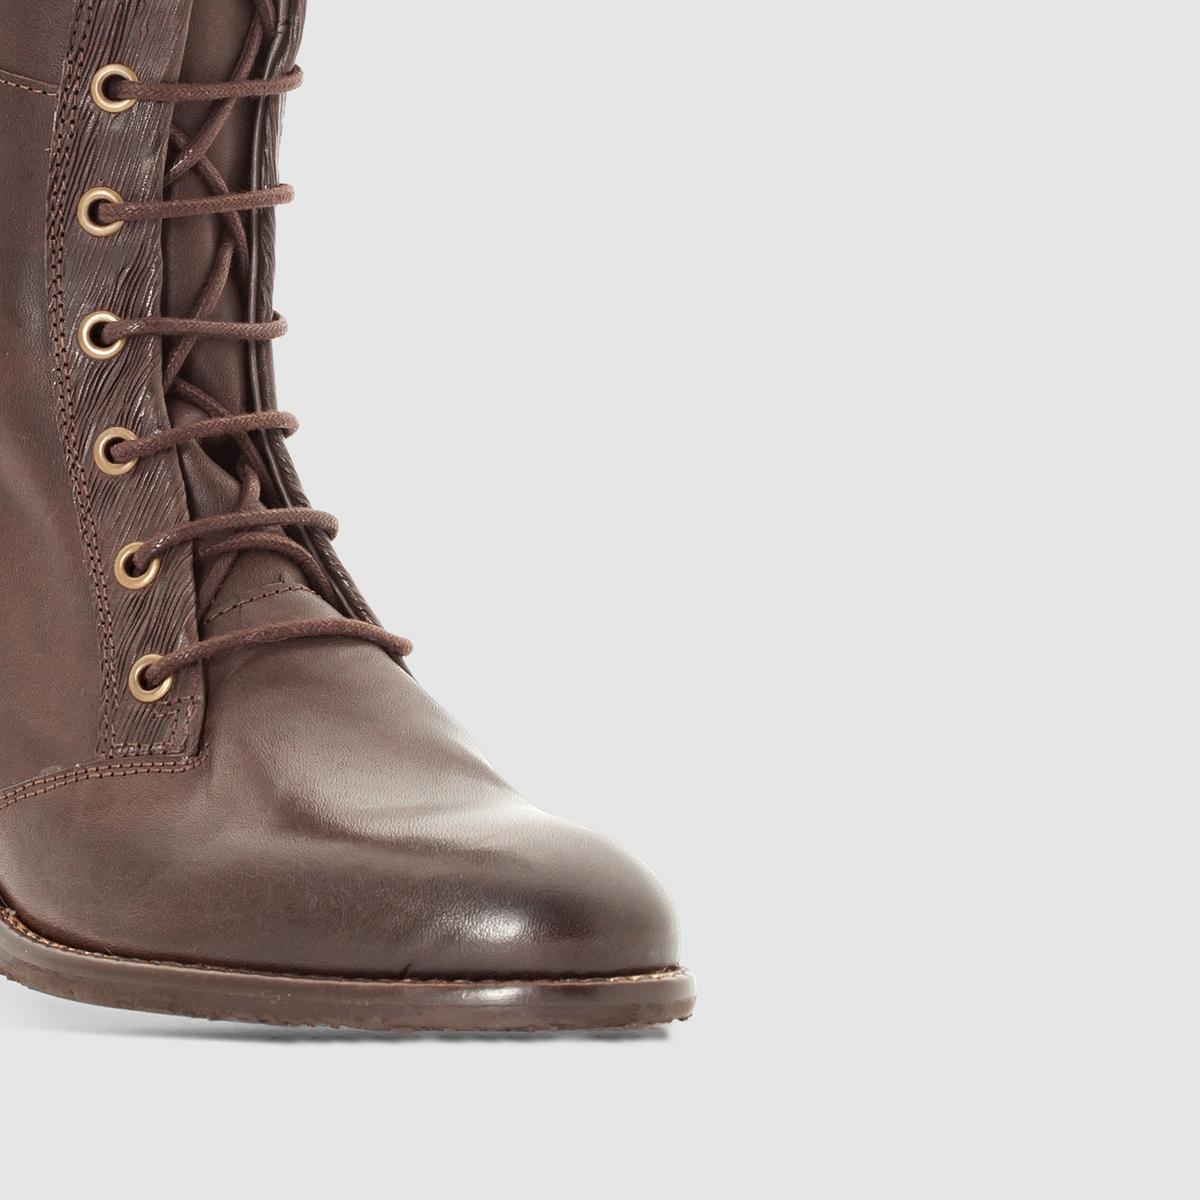 Сапоги из кожи на шнуровке RubyВерх/ Голенище : Яловичная кожа    Подкладка : Кожа   Стелька :  Кожа   Подошва : каучук.   Высота голенища : 42,5 см.    Застежка : шнуровка.<br><br>Цвет: темный каштан,черный<br>Размер: 39.38.37.39